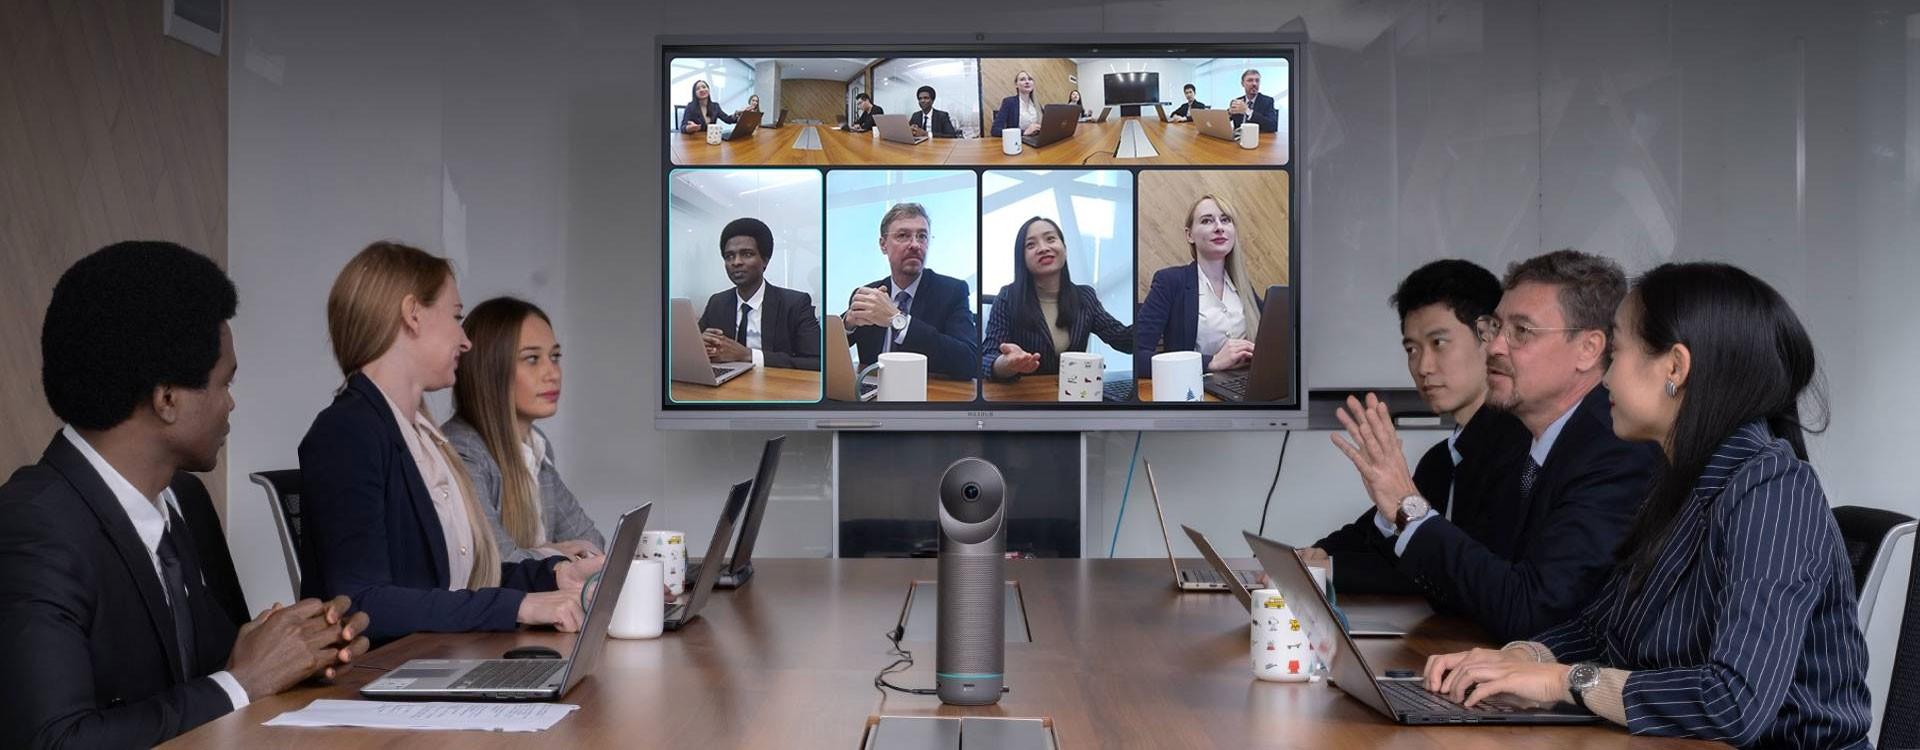 Kandao annonce la Meeting Pro, caméra 360 dédiée aux vidéoconférences 360° à distance